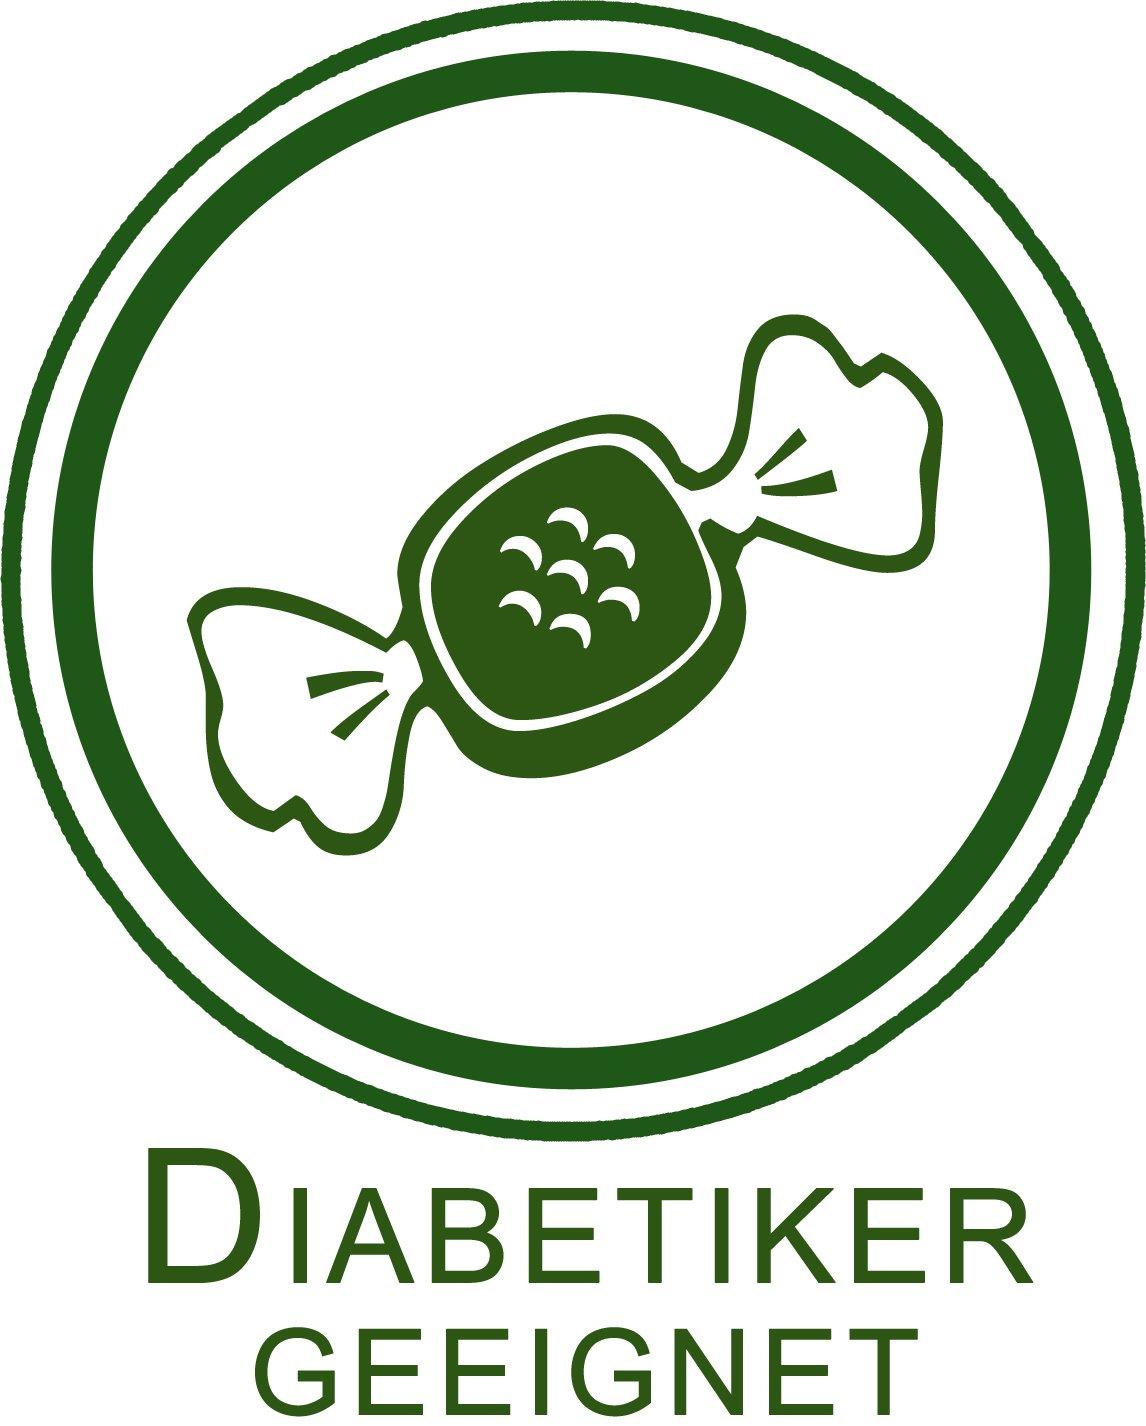 Für Diabetiker geeignet